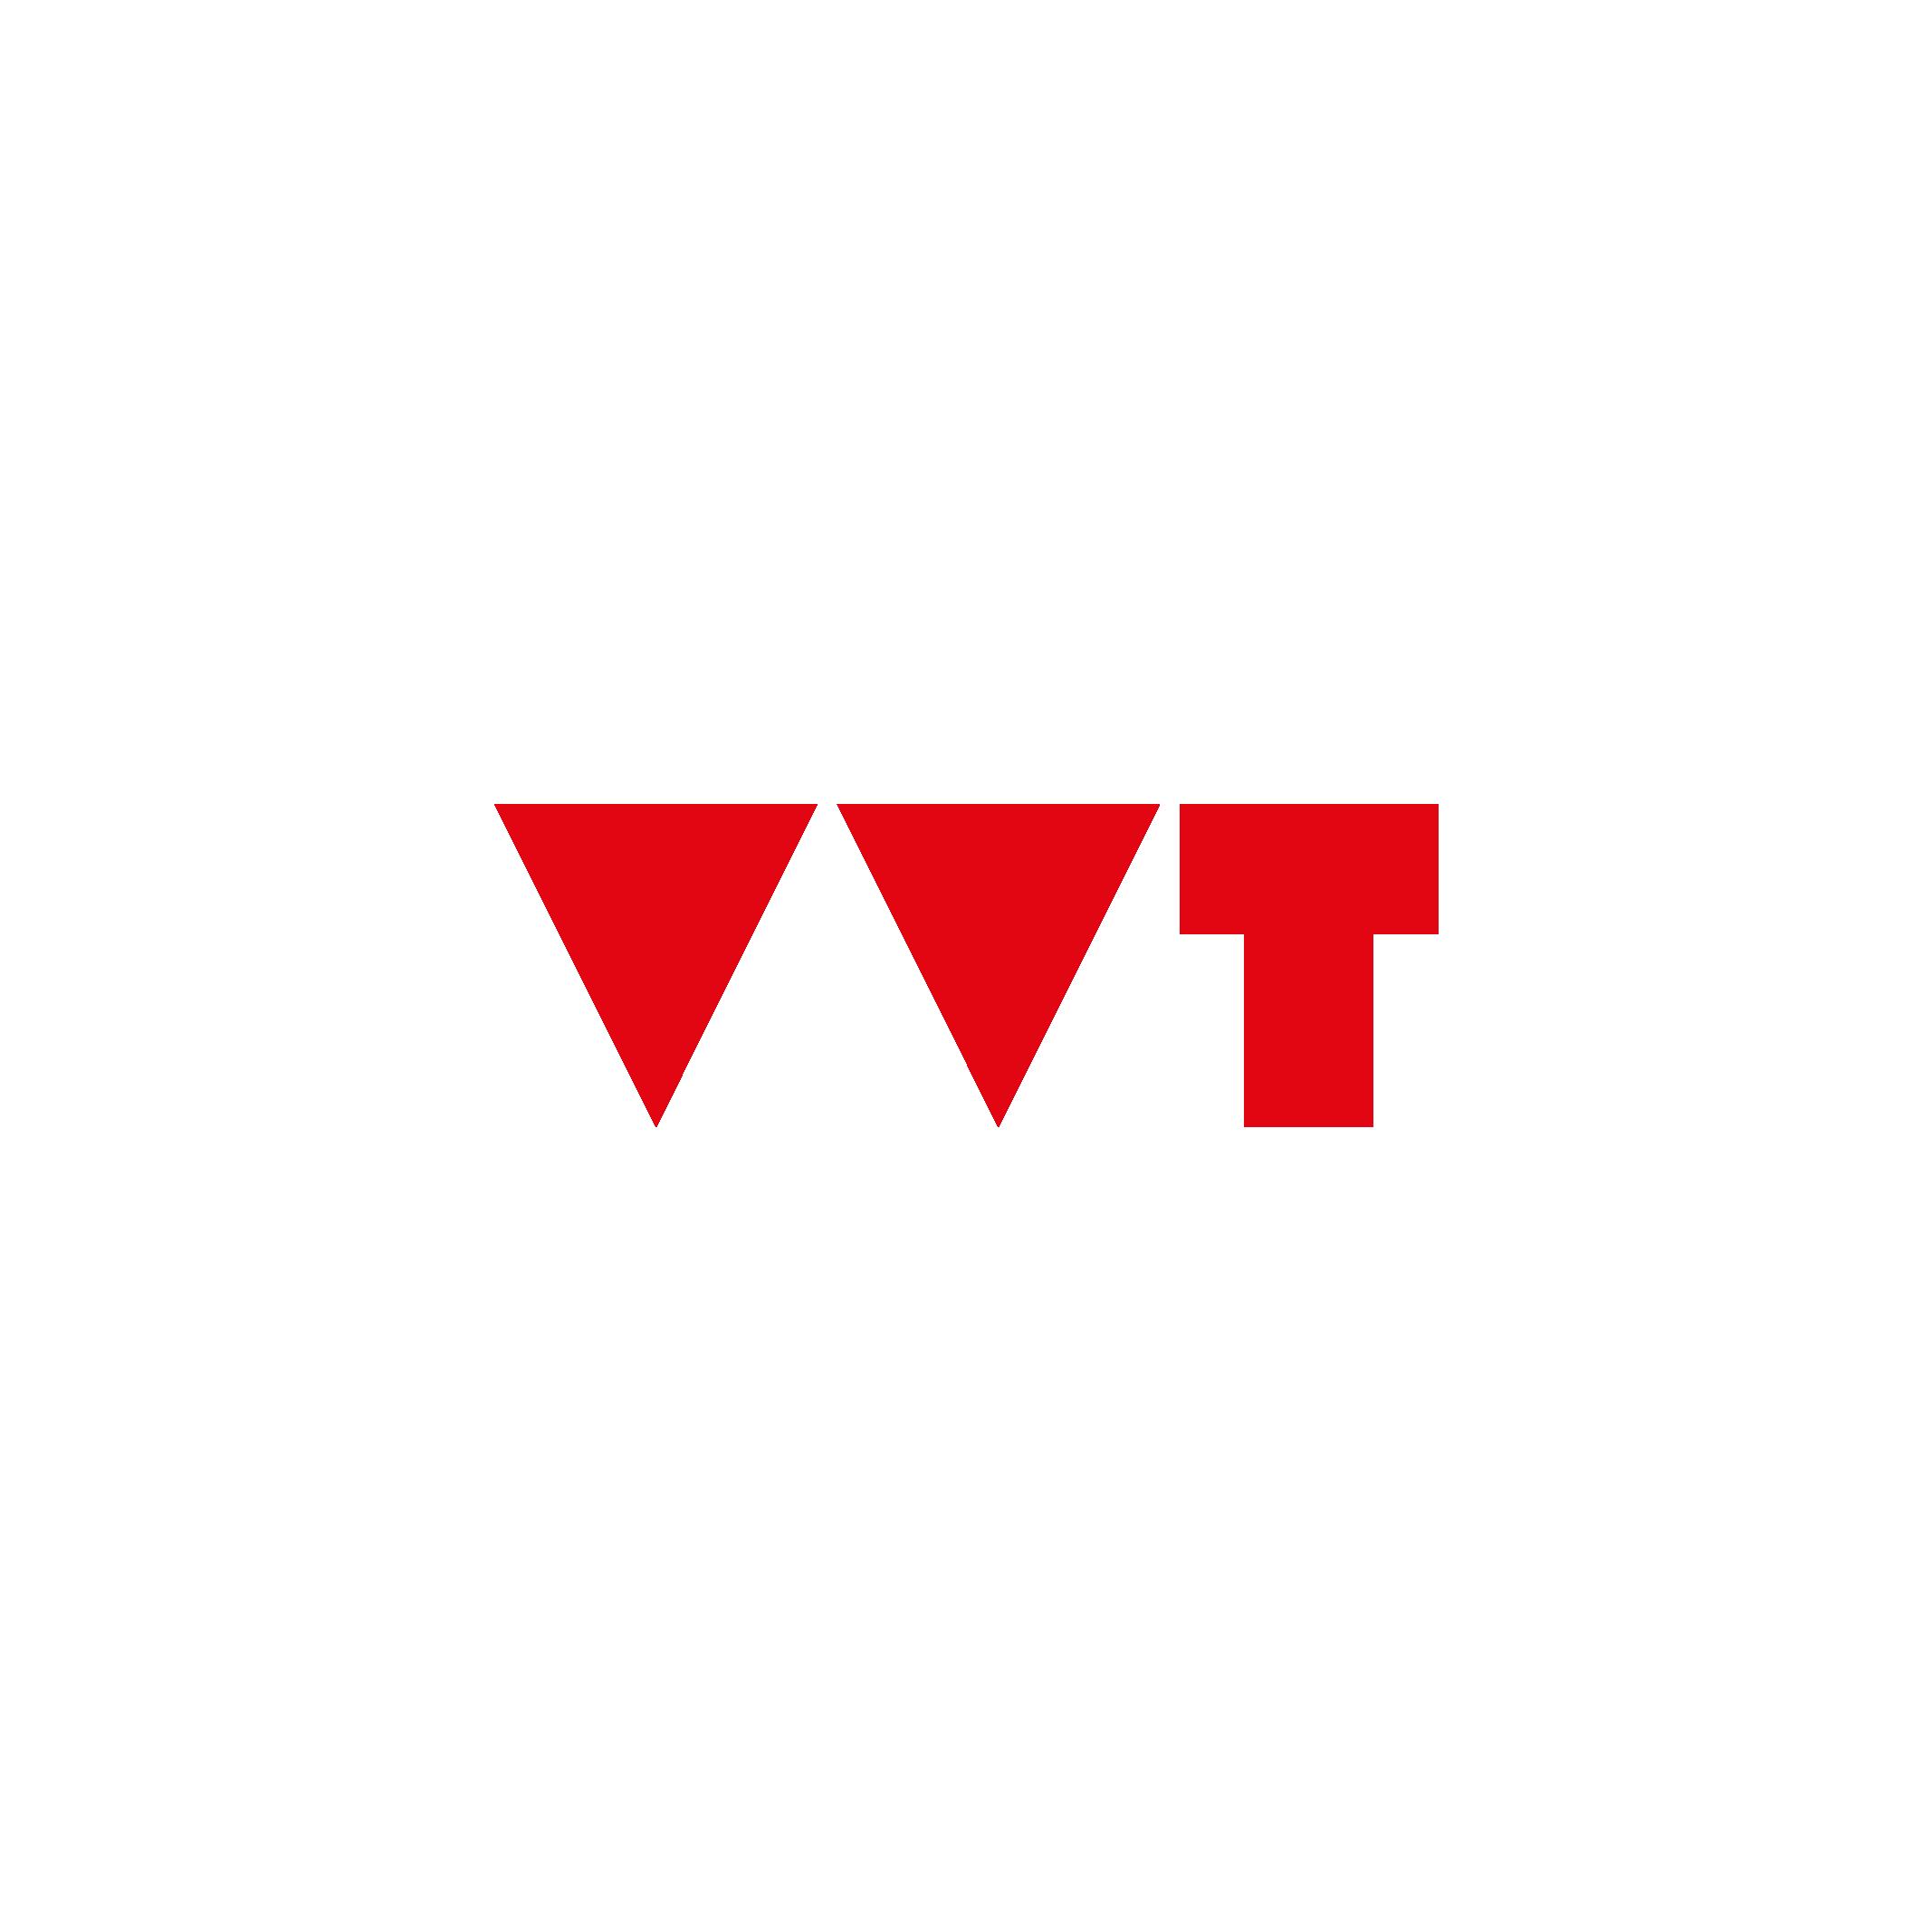 https://www.influxmediahouse.com/wp-content/uploads/2019/01/Logo_VVT-colour.png